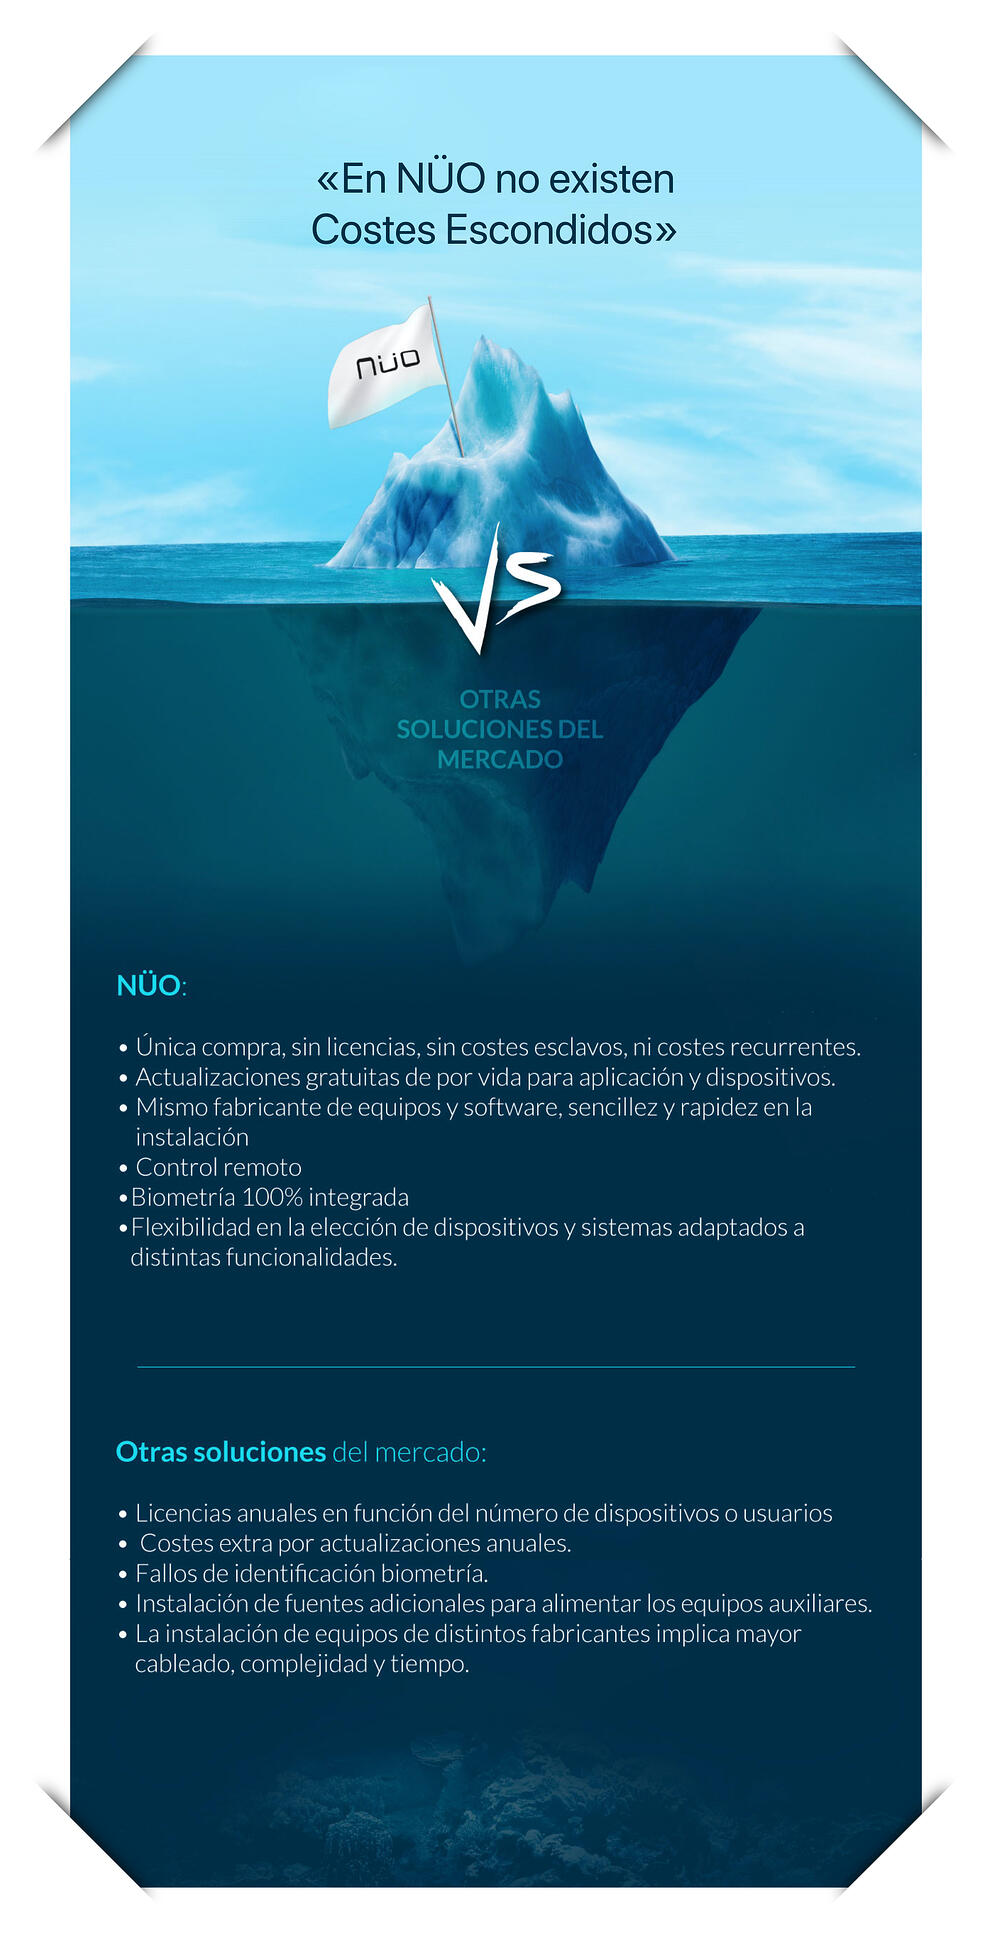 Costes-escondidos-iceberg_nuo